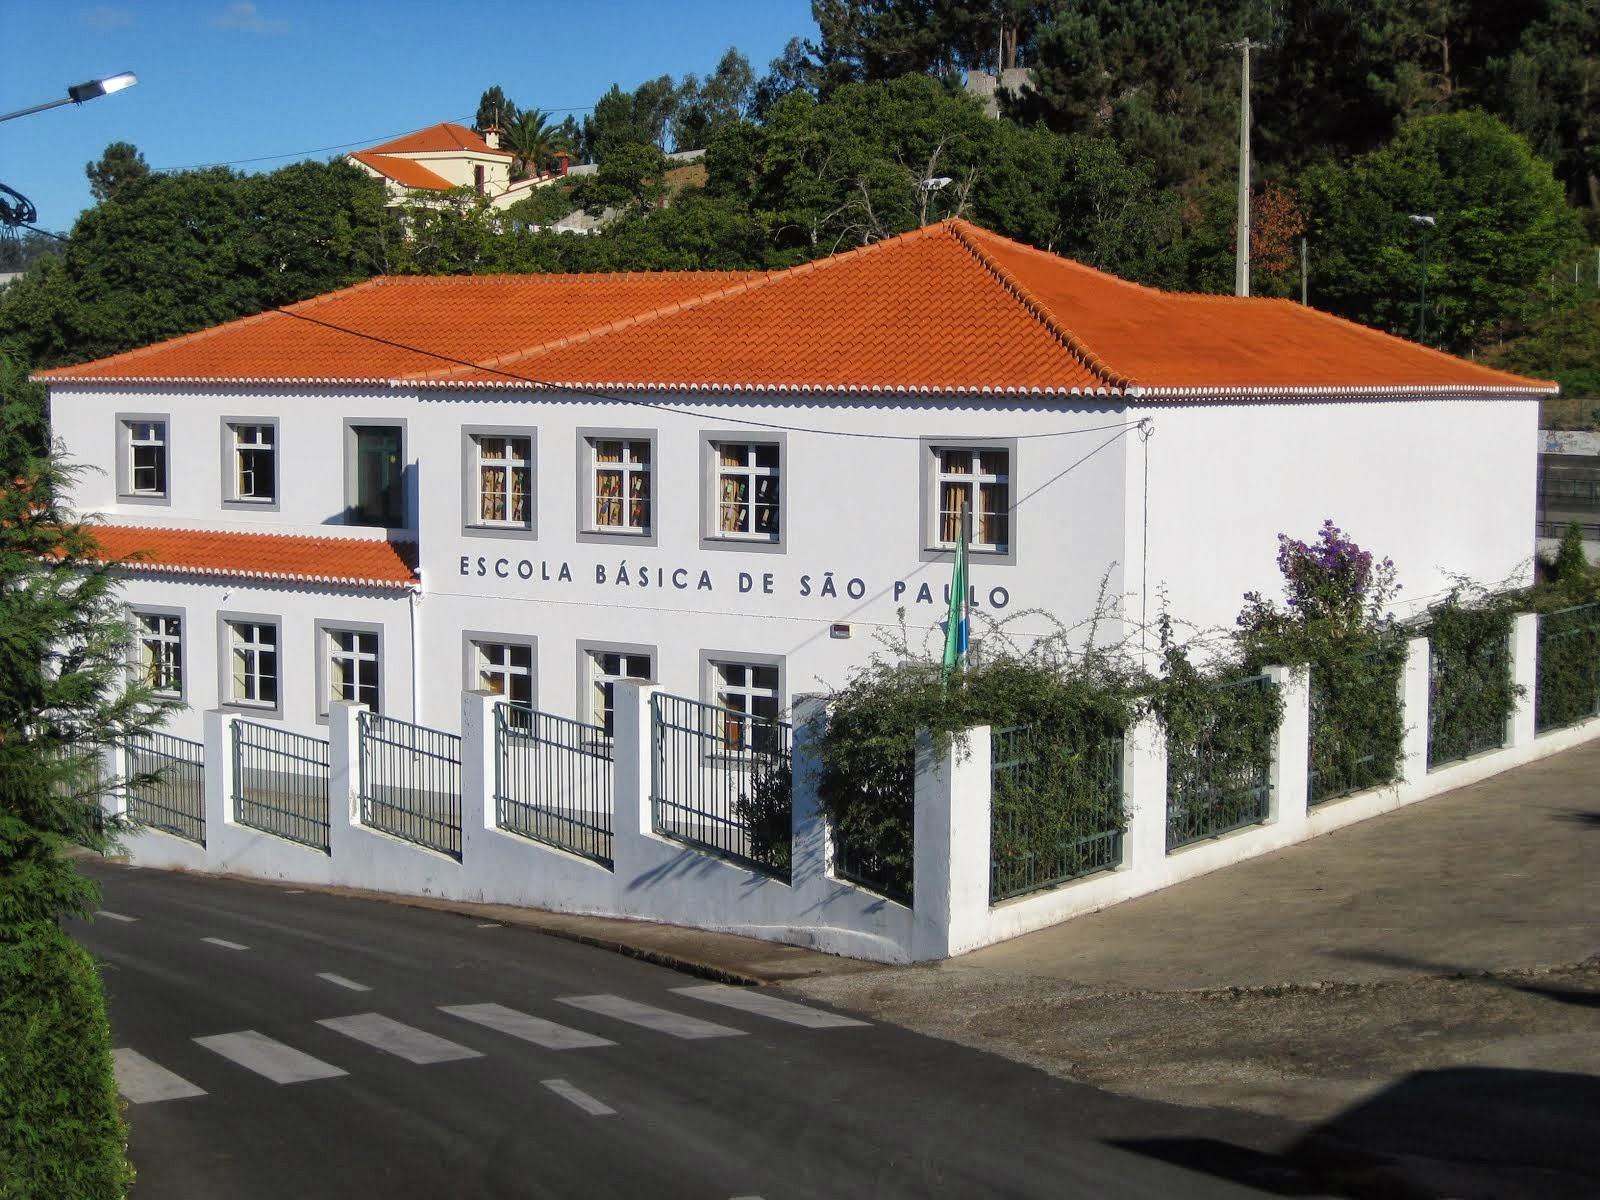 Vista da frente do edifício